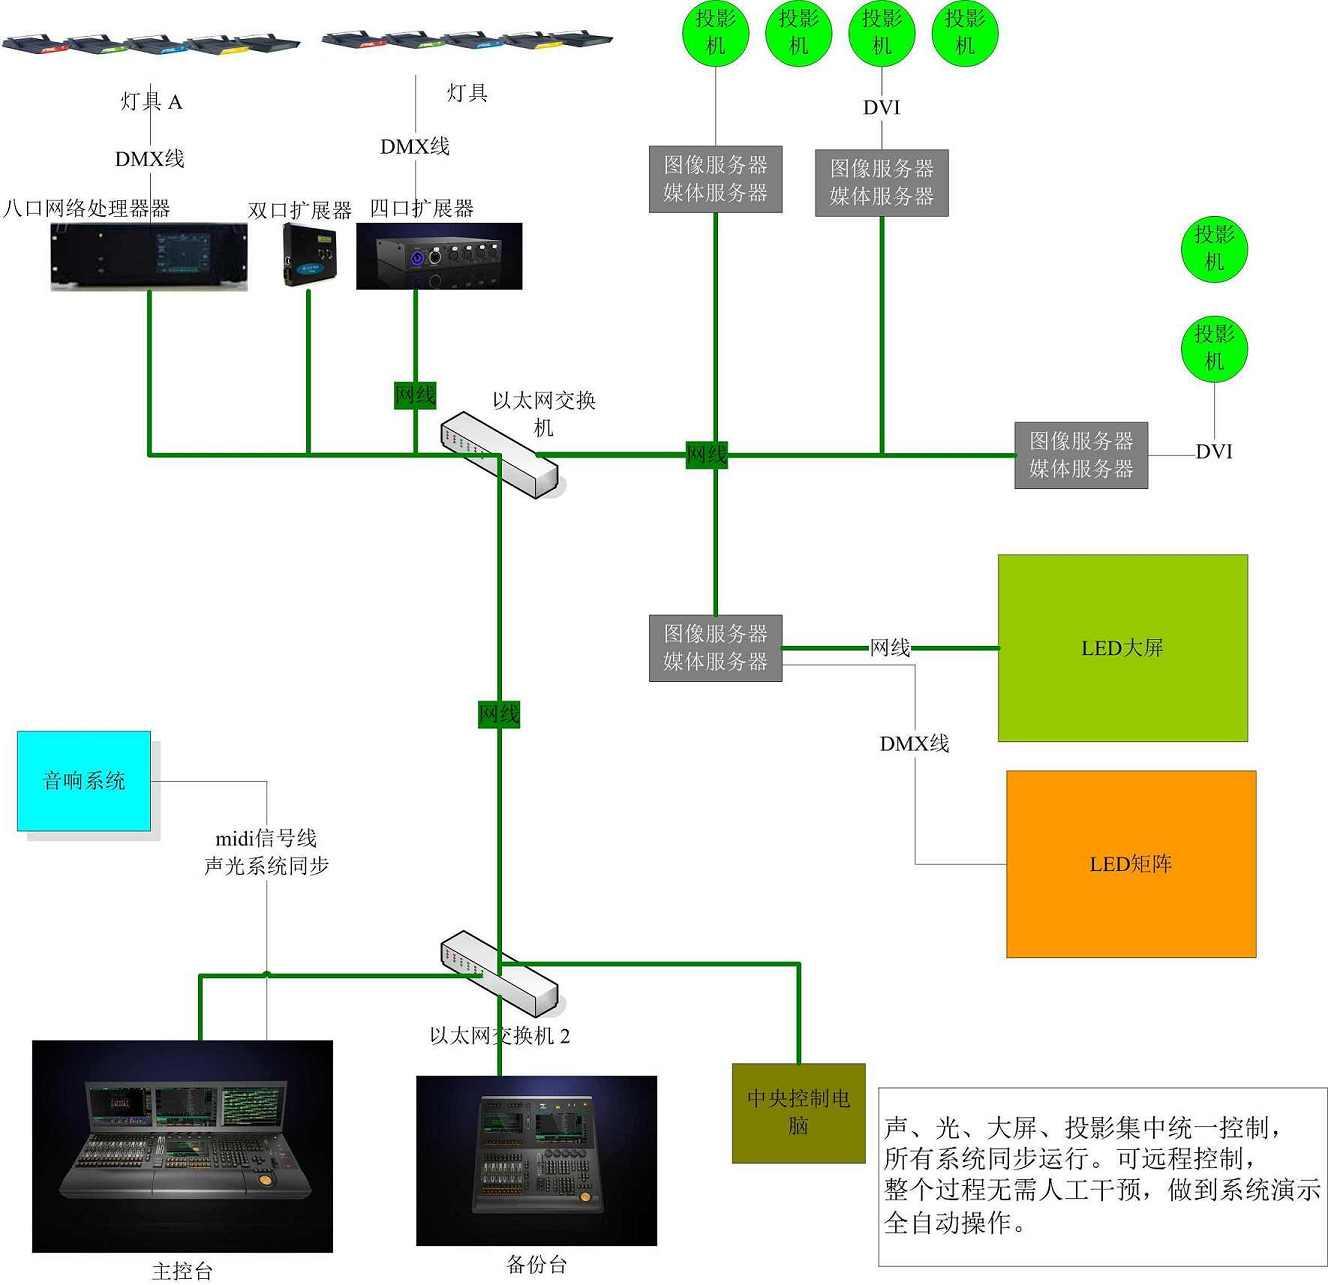 领焰提供的专业智能灯控系统是领焰系列产品的完美集成,是目前国内最可靠最专业的舞台灯光控制方案。 领焰灯光控制系统以领焰灯控台为核心,YEL-NET网络为基础,结合领焰 VPU(多媒体服务器)、领焰 NPU(网络处理器)等系列产品, 形成一套高效稳定的智能灯光实时控制系统。所有产品具有自主知识产权。 领焰系列产品都经过全面的测试,功能强大,性能稳定,支持DMX512、ART-NET及ACN等各种灯光协议。 领焰灯光控制系统为那些有着复杂系统需求的项目提供最佳的解决方案。